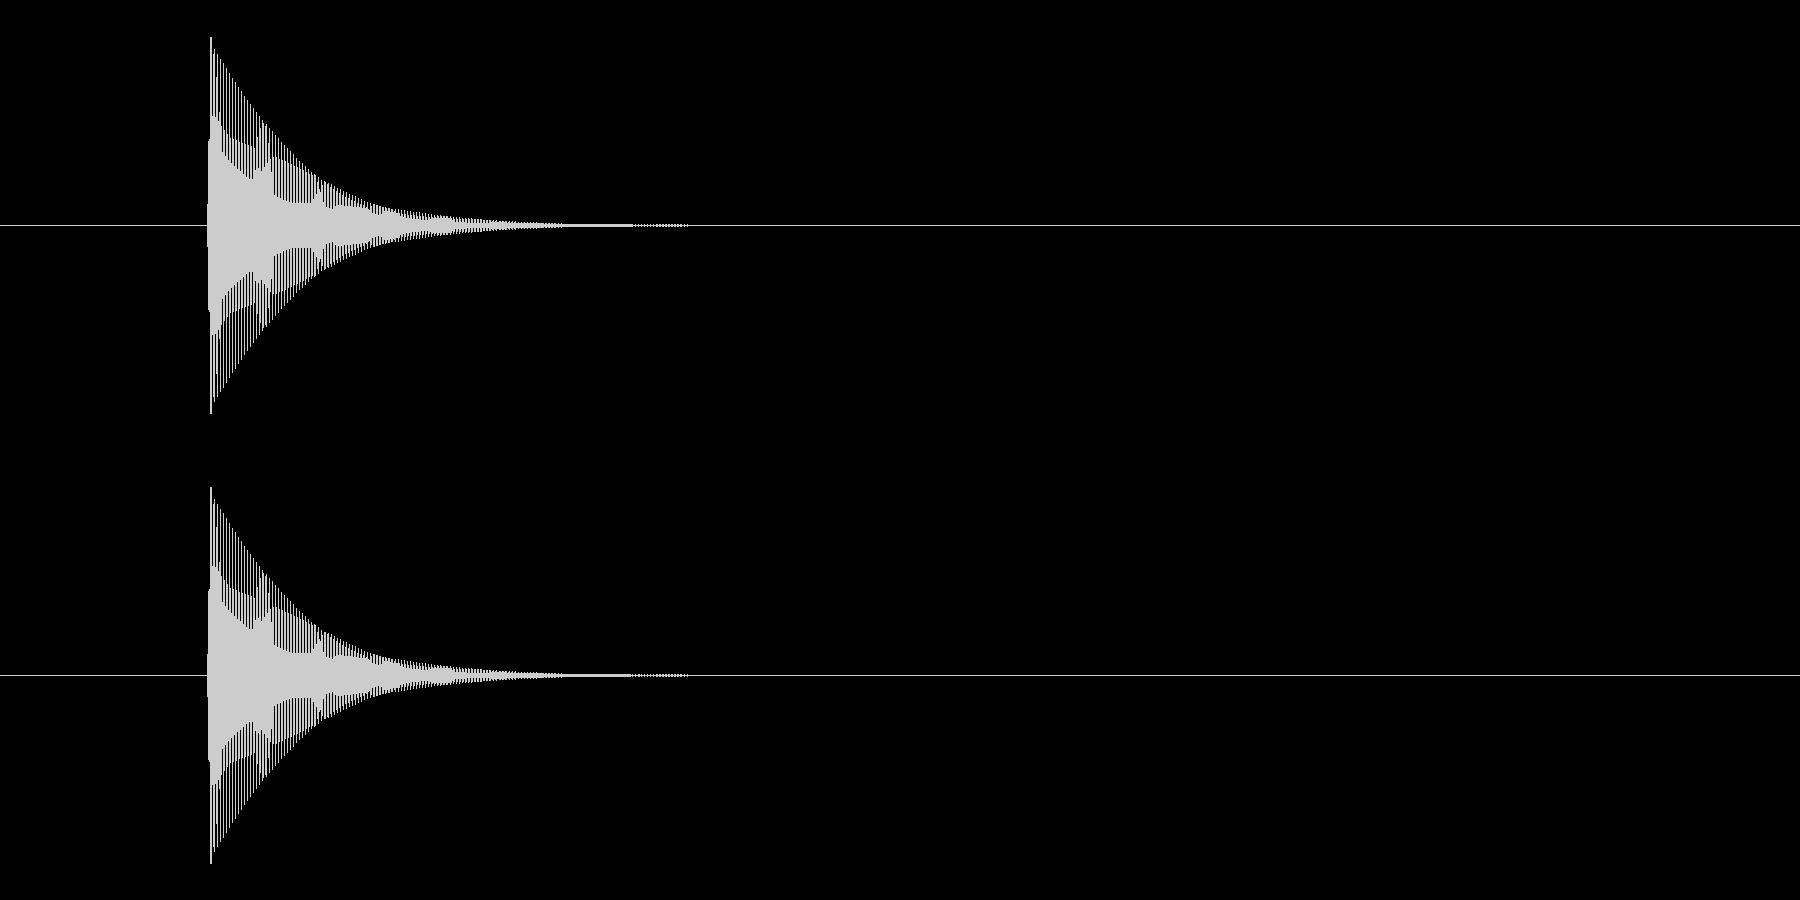 ポーン というシンプルな決定音になりますの未再生の波形